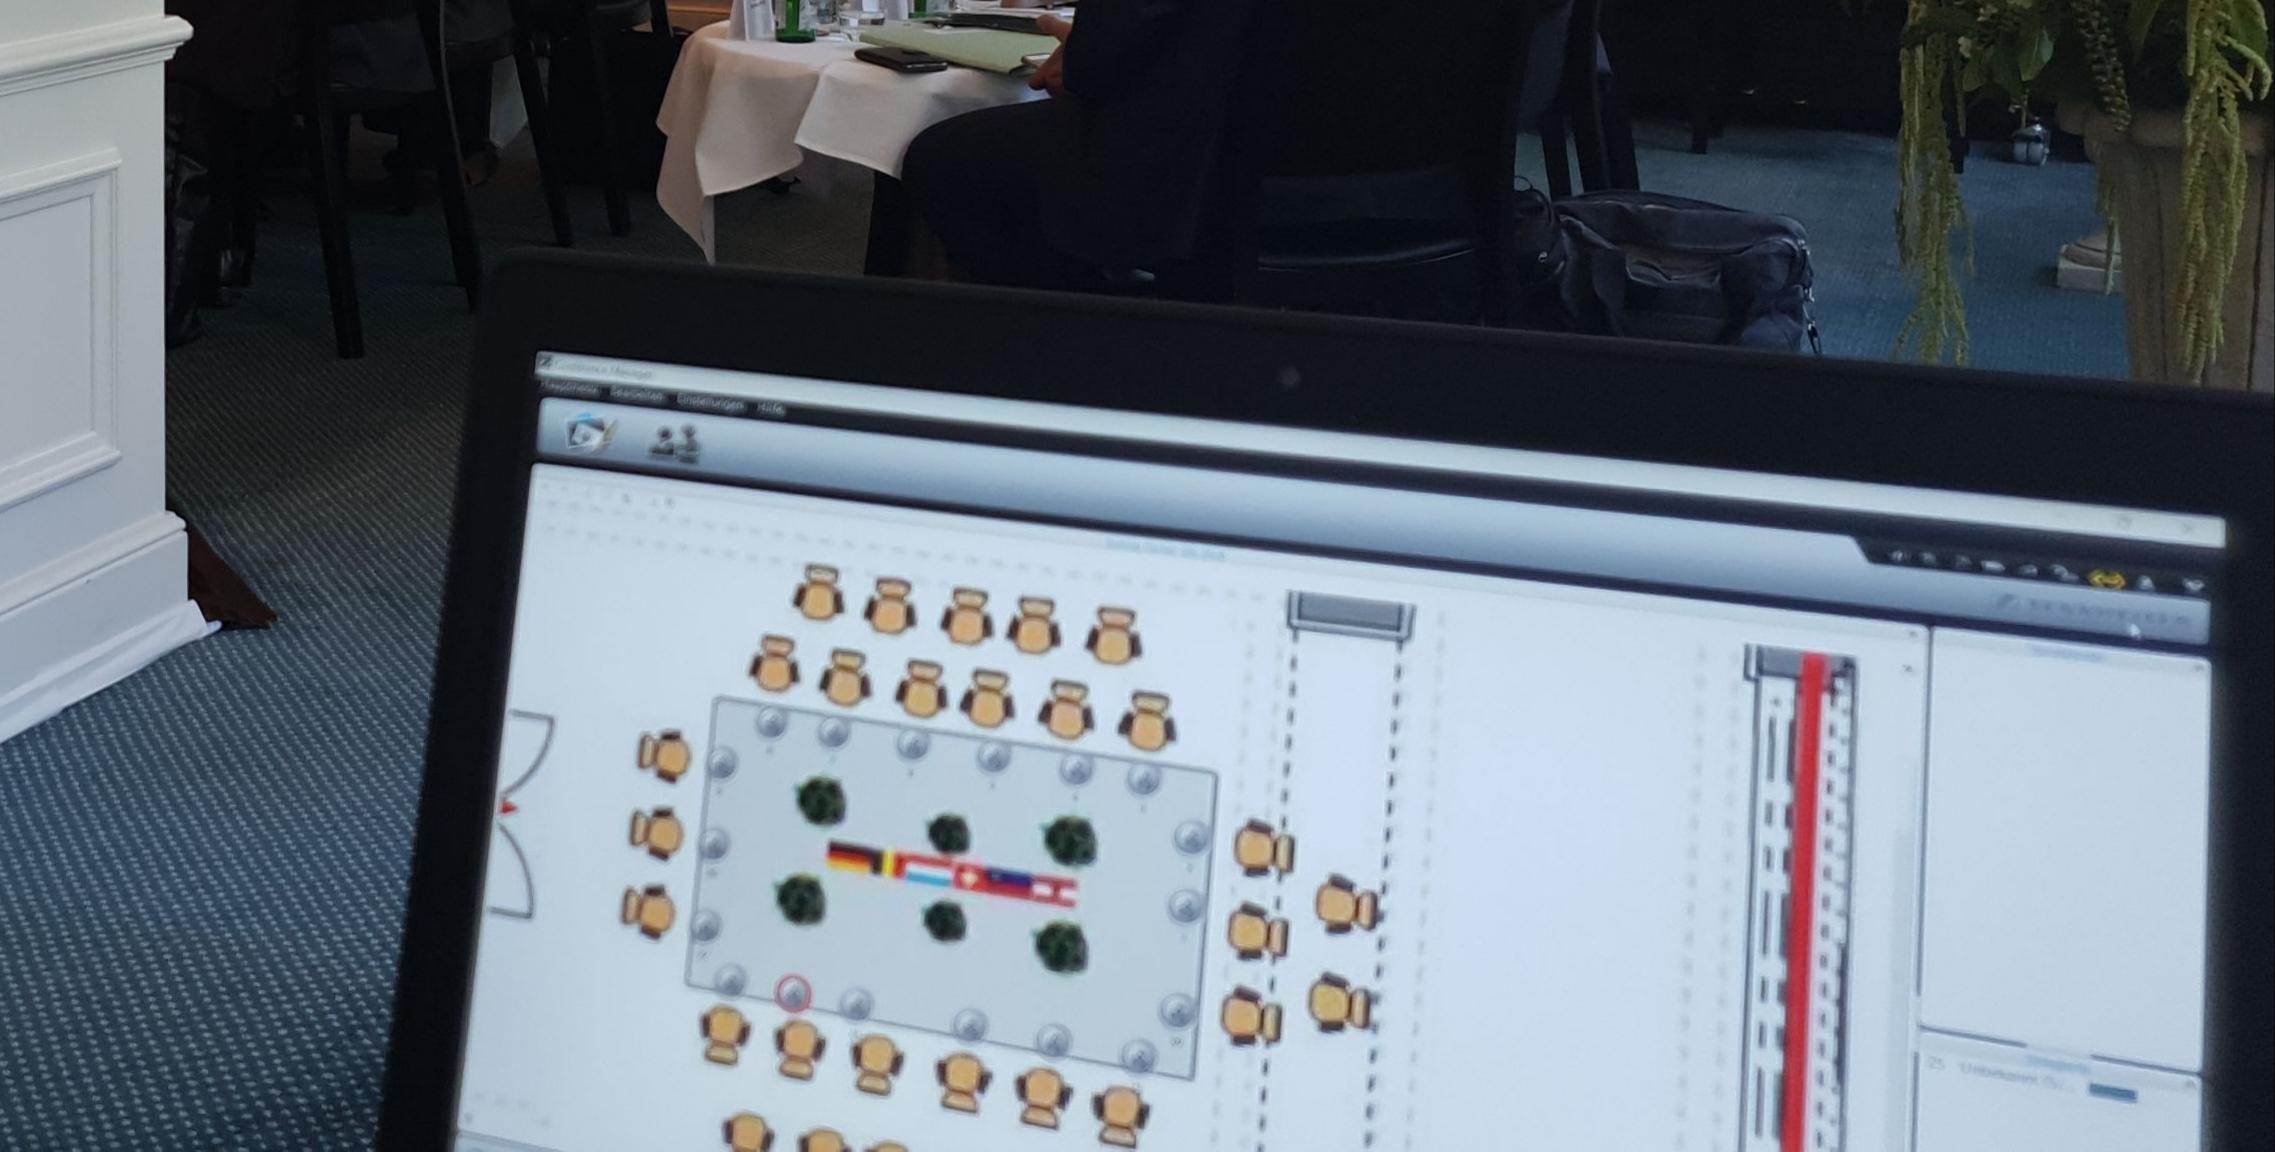 Eingerichtet wurden: Ein temporäres Sitzungszimmer mit Konferenzmikrofon-System inklusiv 18 Sprechstellen, und die Beschallung sowie Technik für die Pressekonferenz.